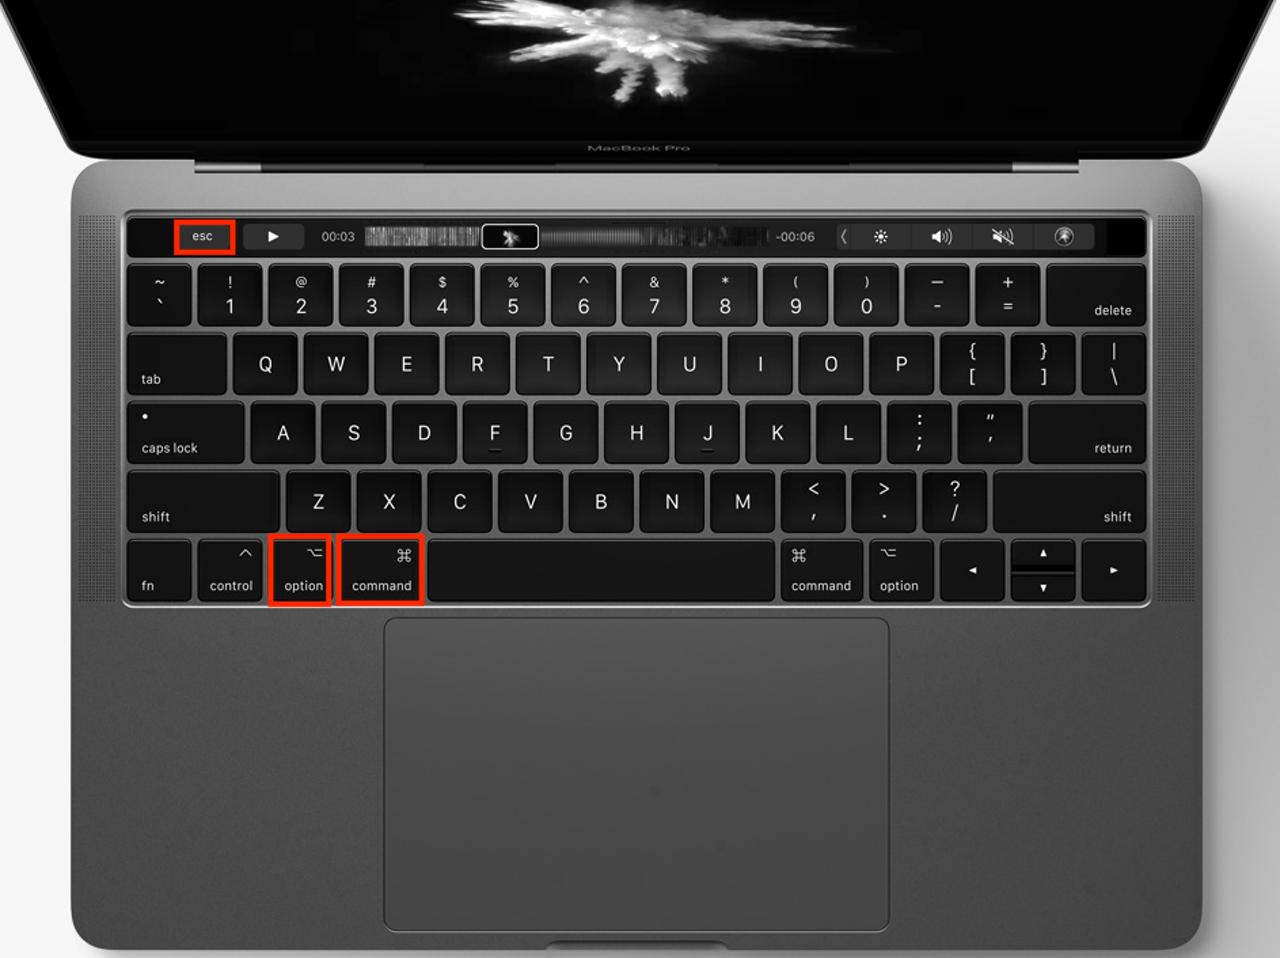 vypnout_app_mac1